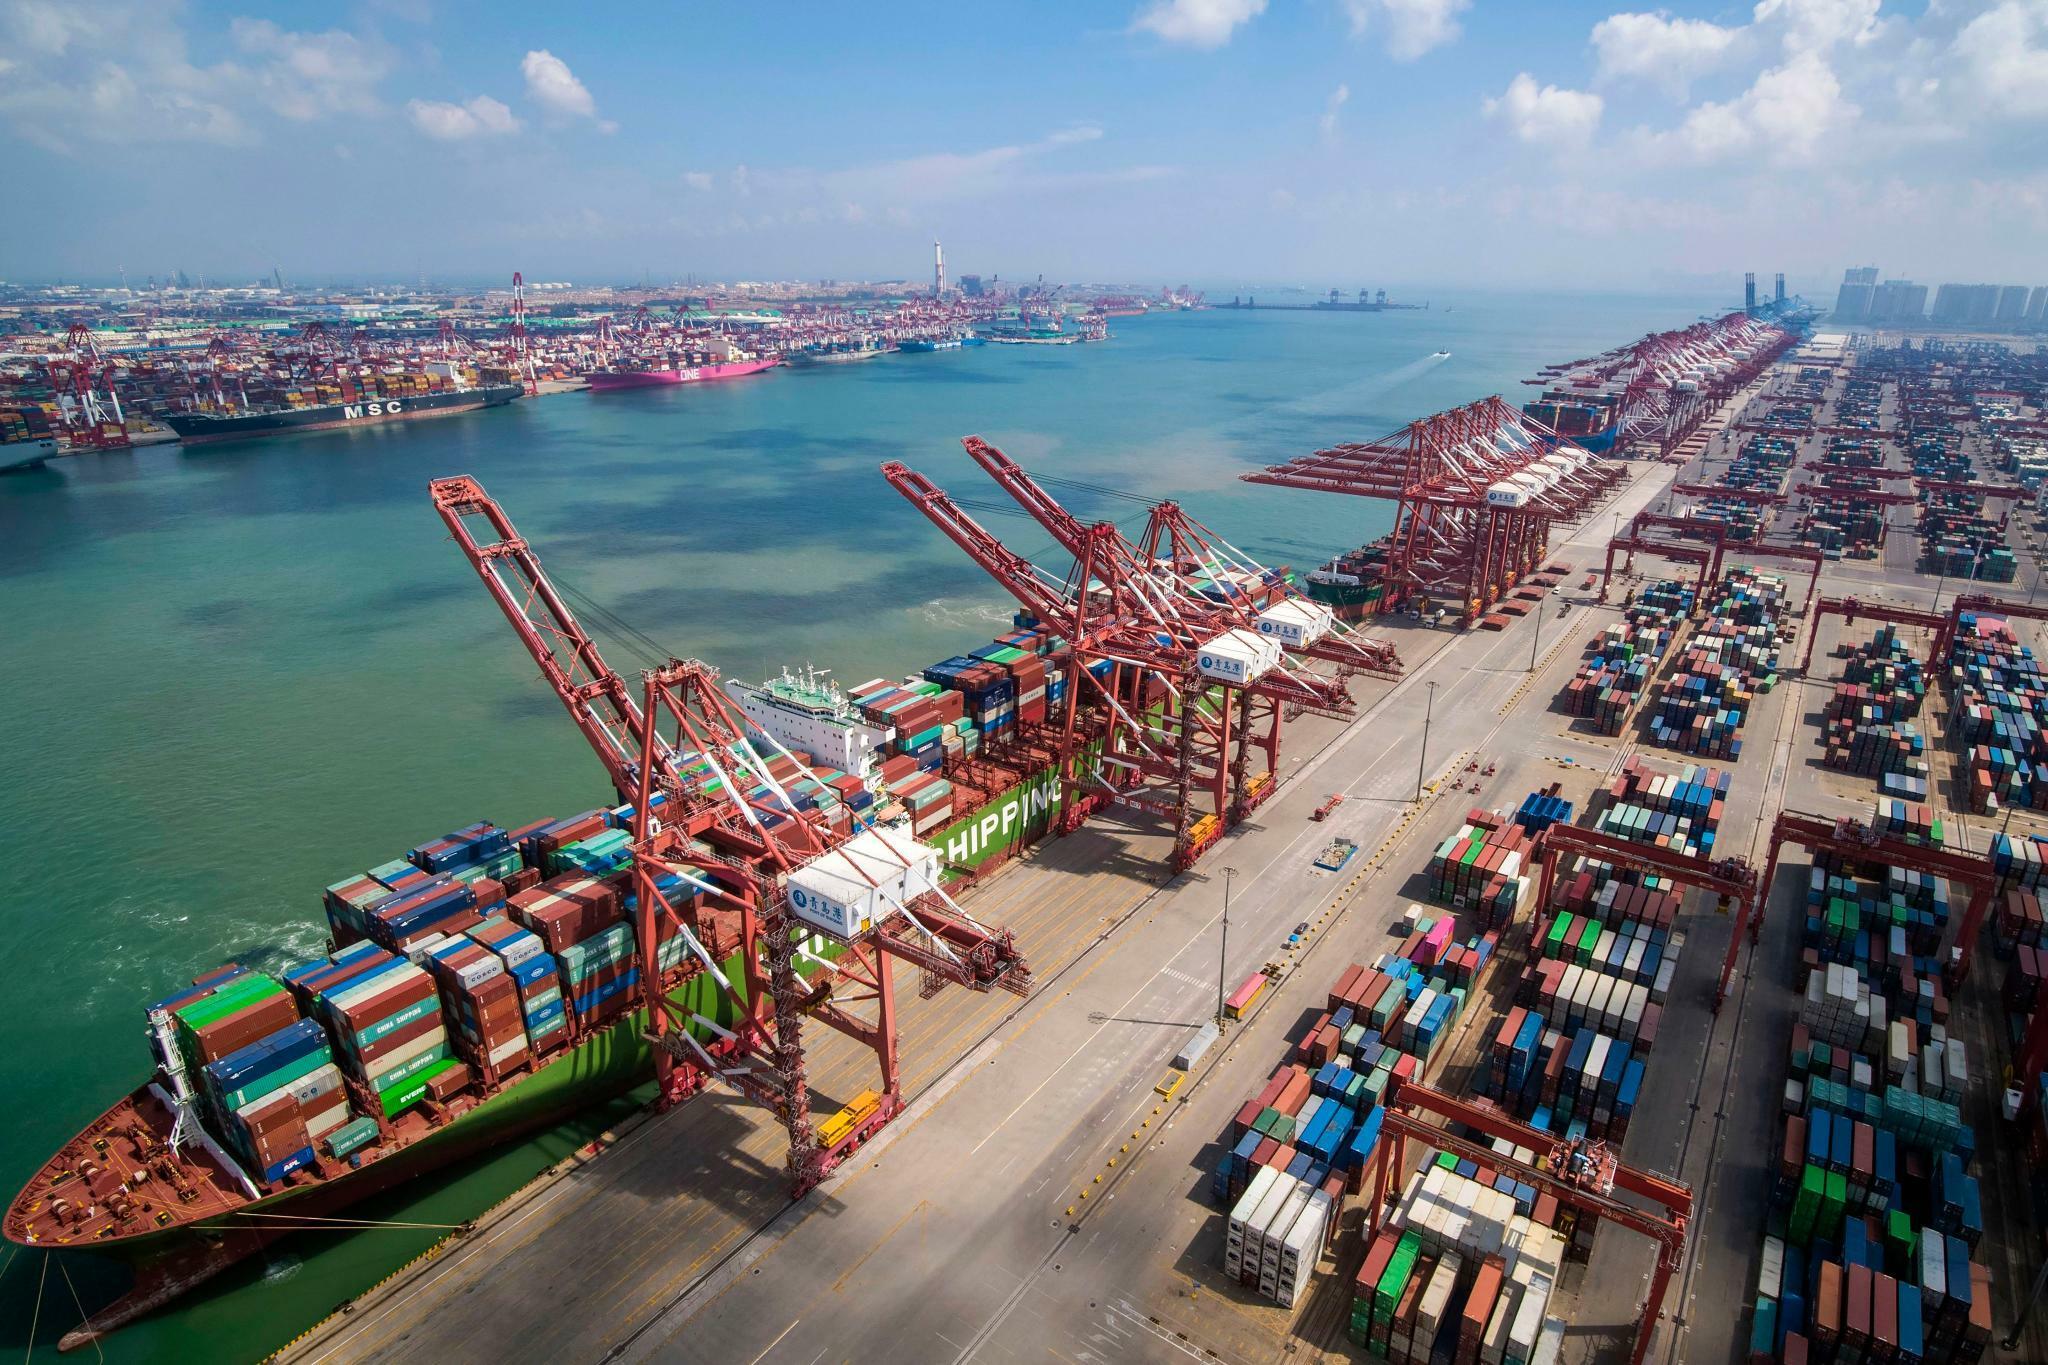 Börse und Handelskrieg: Kurse steigen, doch es gibt vier Risiken